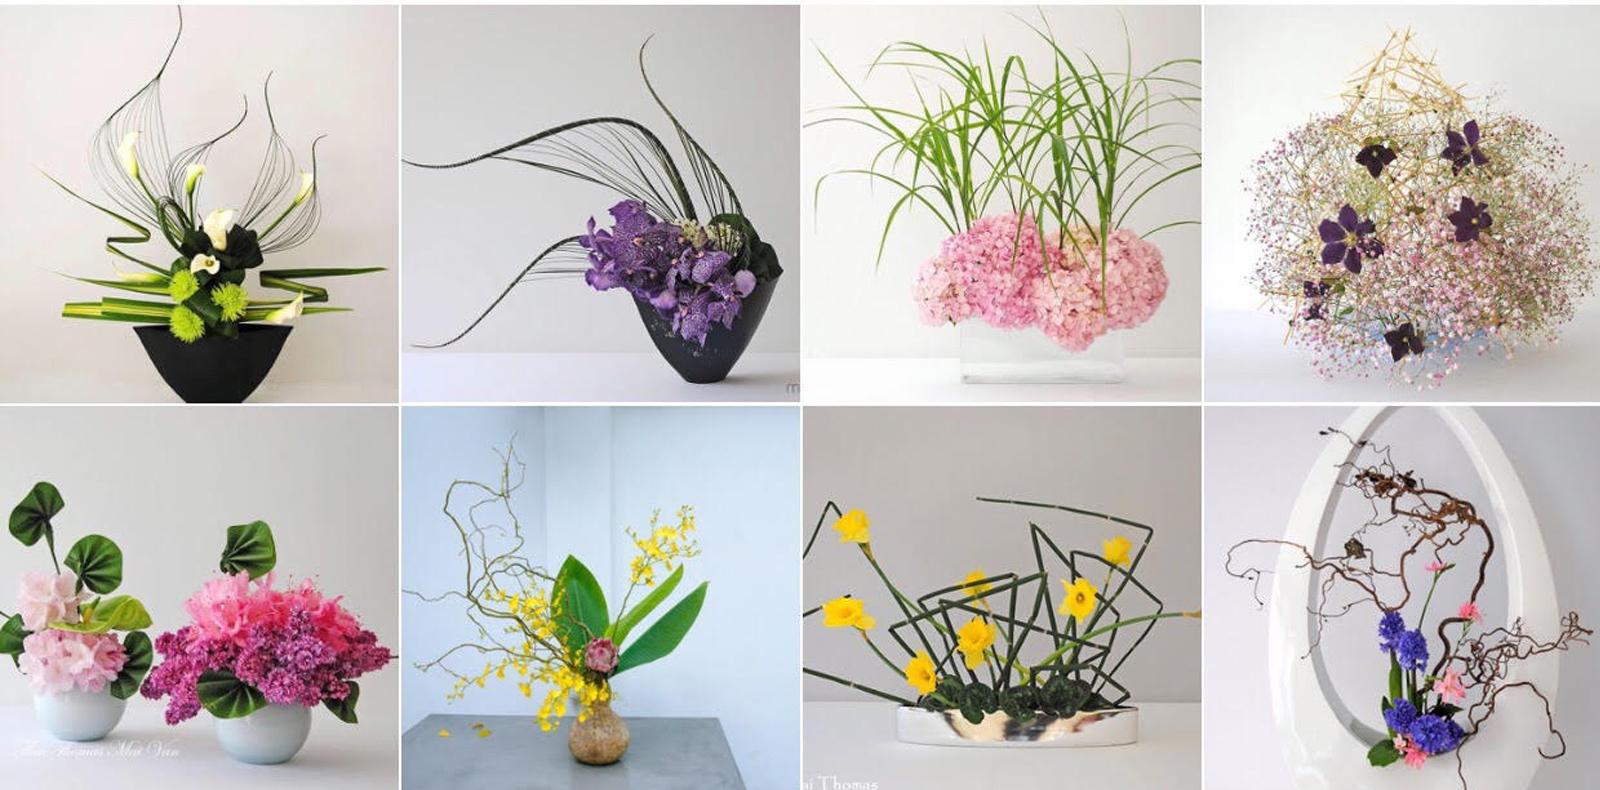 Cõi thiền thanh tịnh - nghệ thuật cắm hoa Ikebana